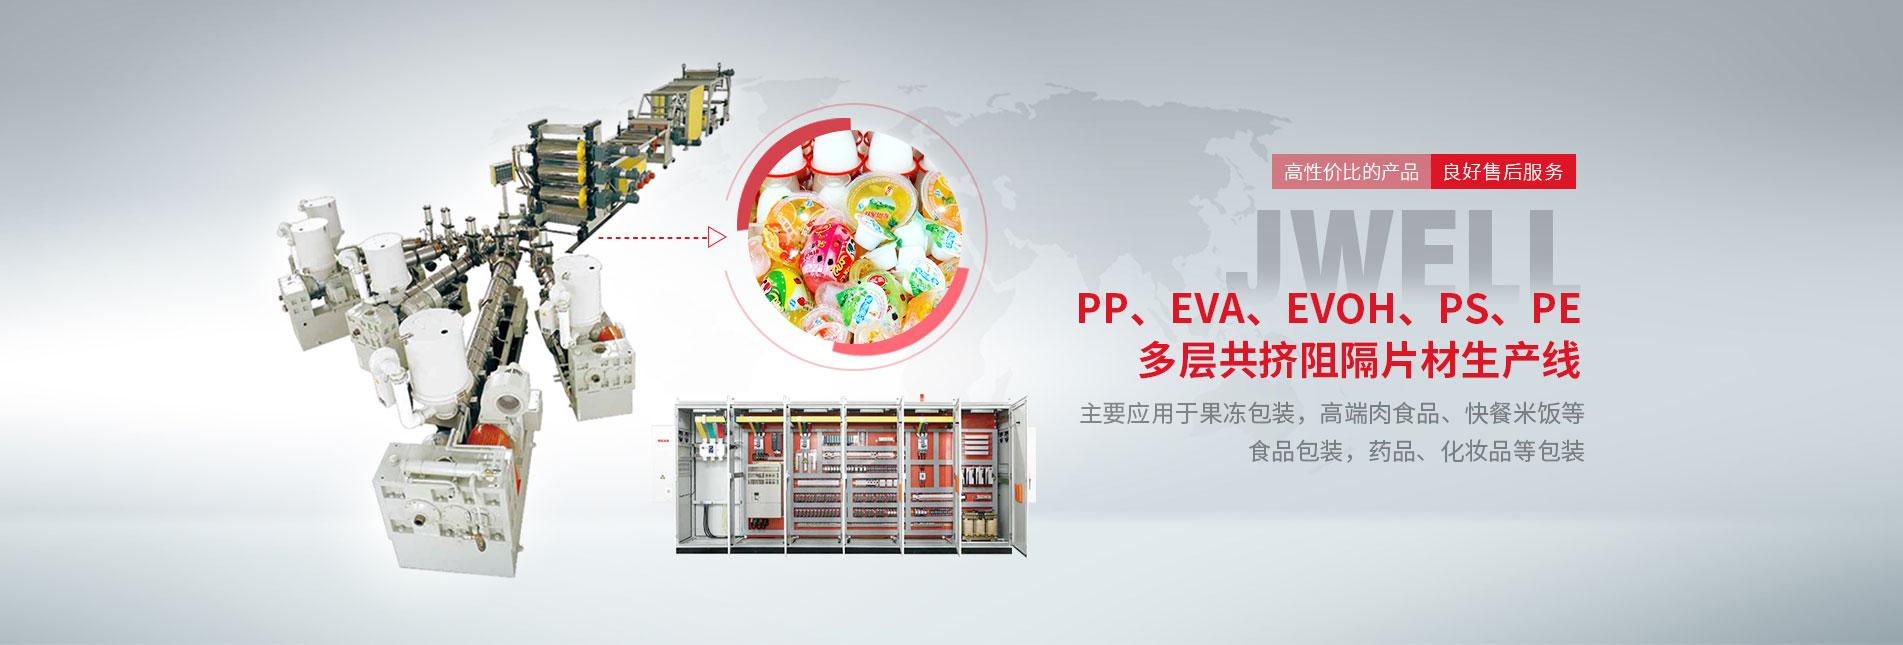 常州千亿国际qy8片板膜科技有限公司